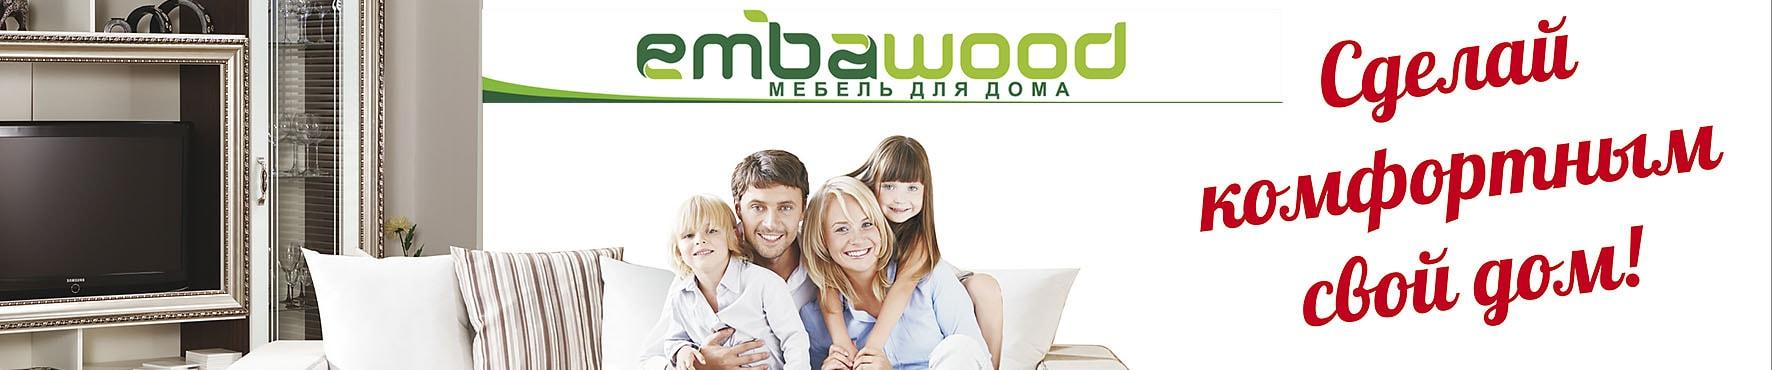 Наружная реклама Назрань фото